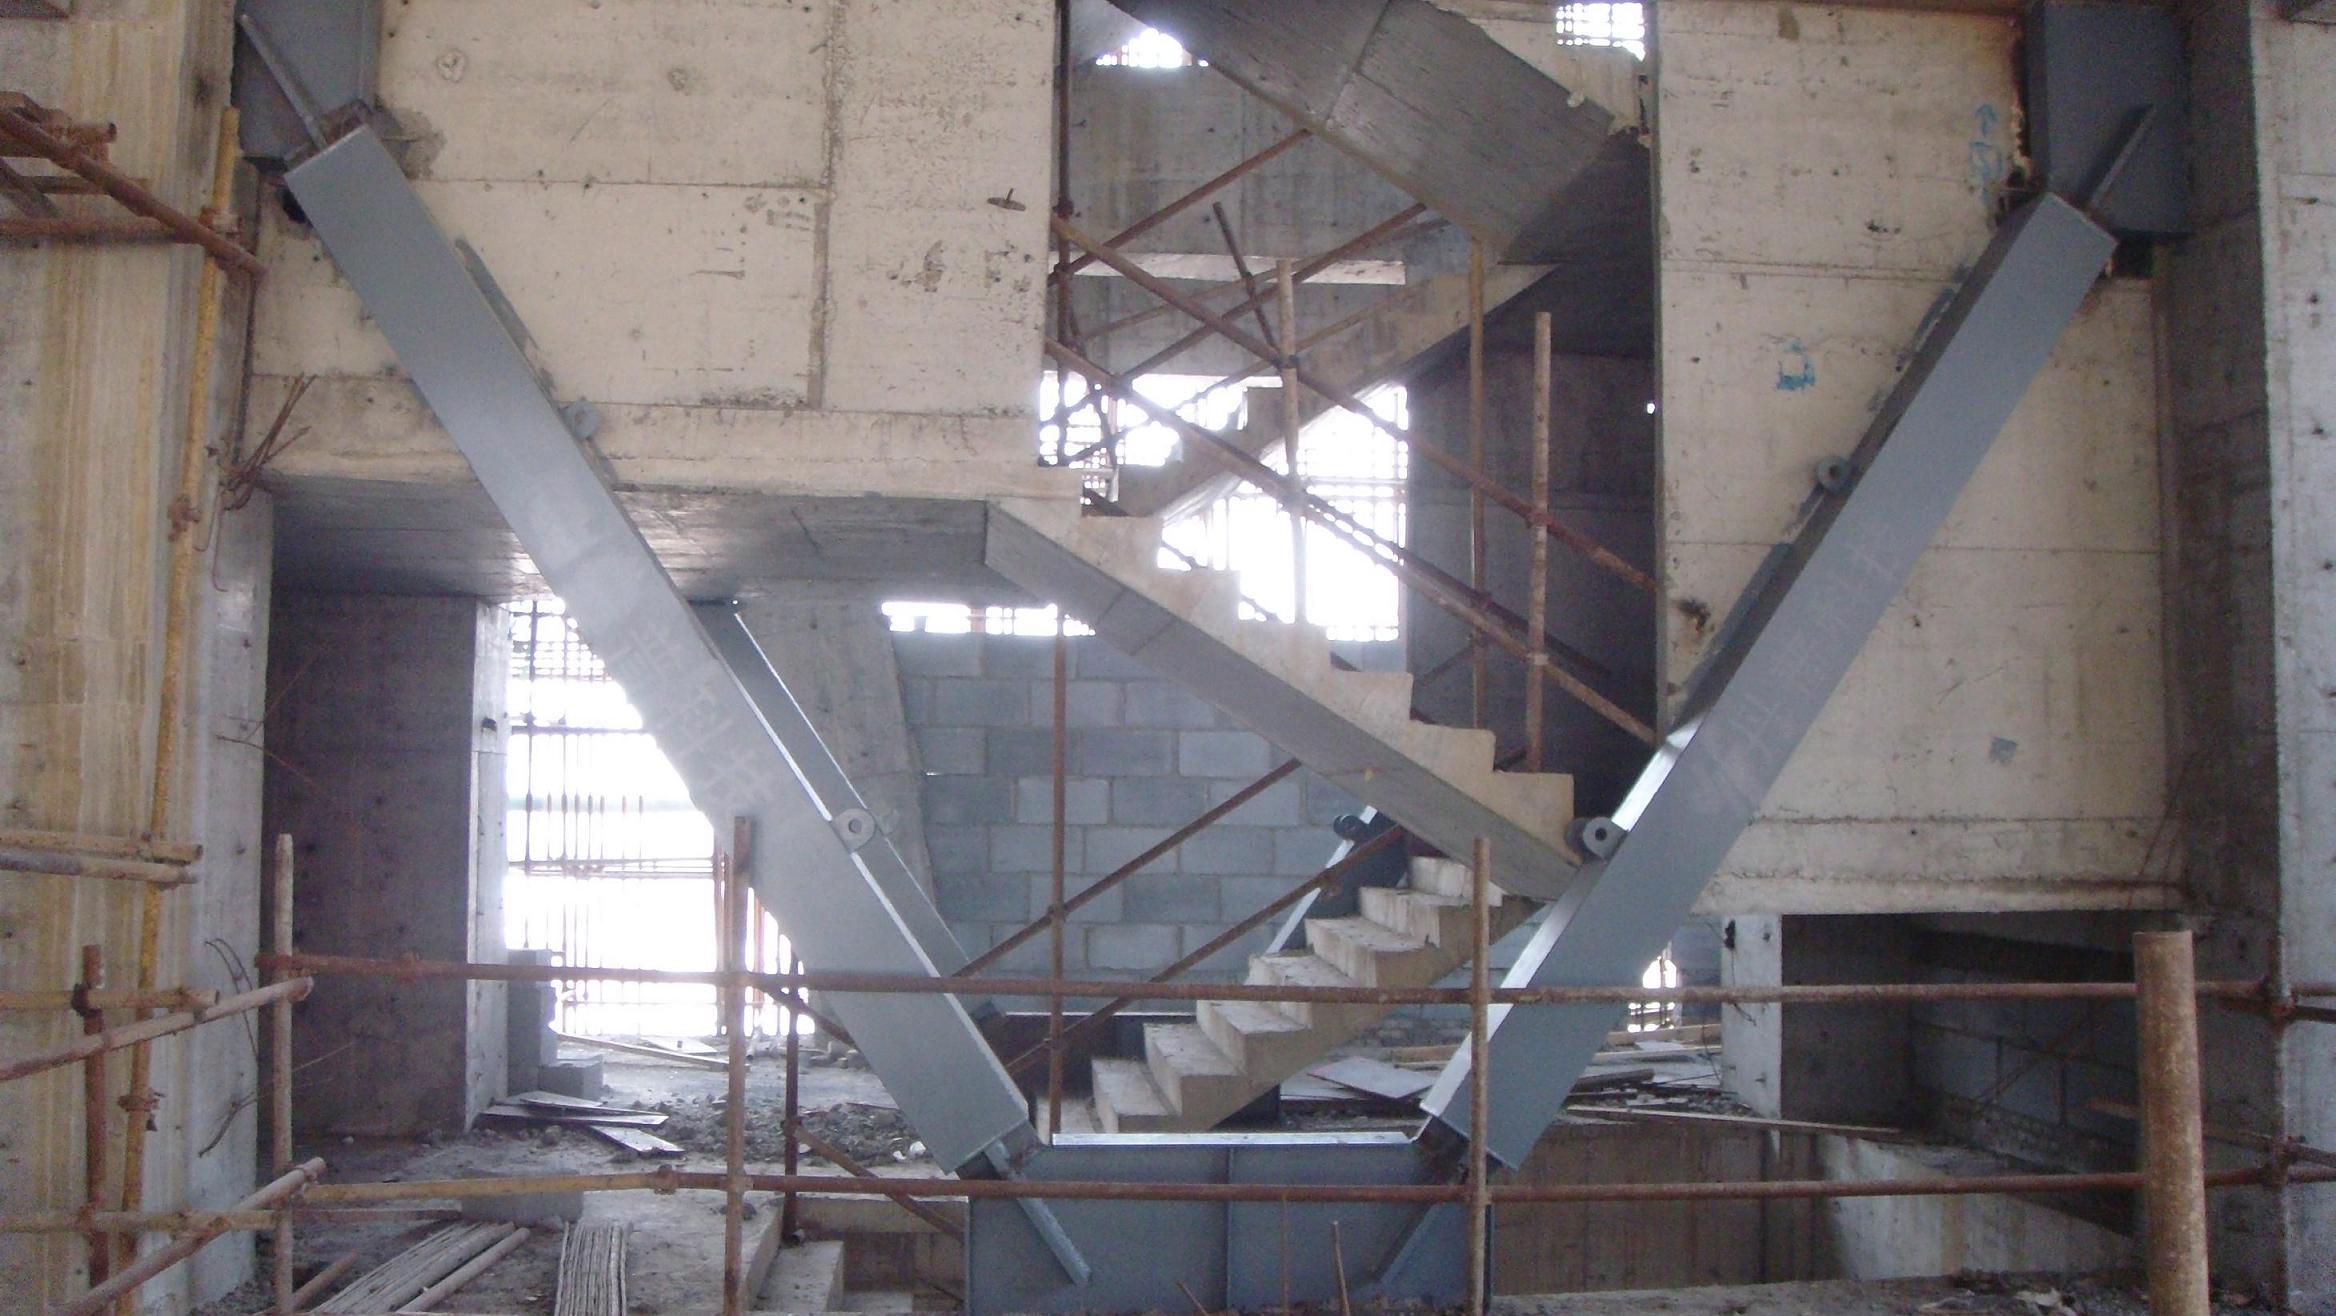 带屈曲约束支撑的v型偏心支撑钢框架抗震性能分析*